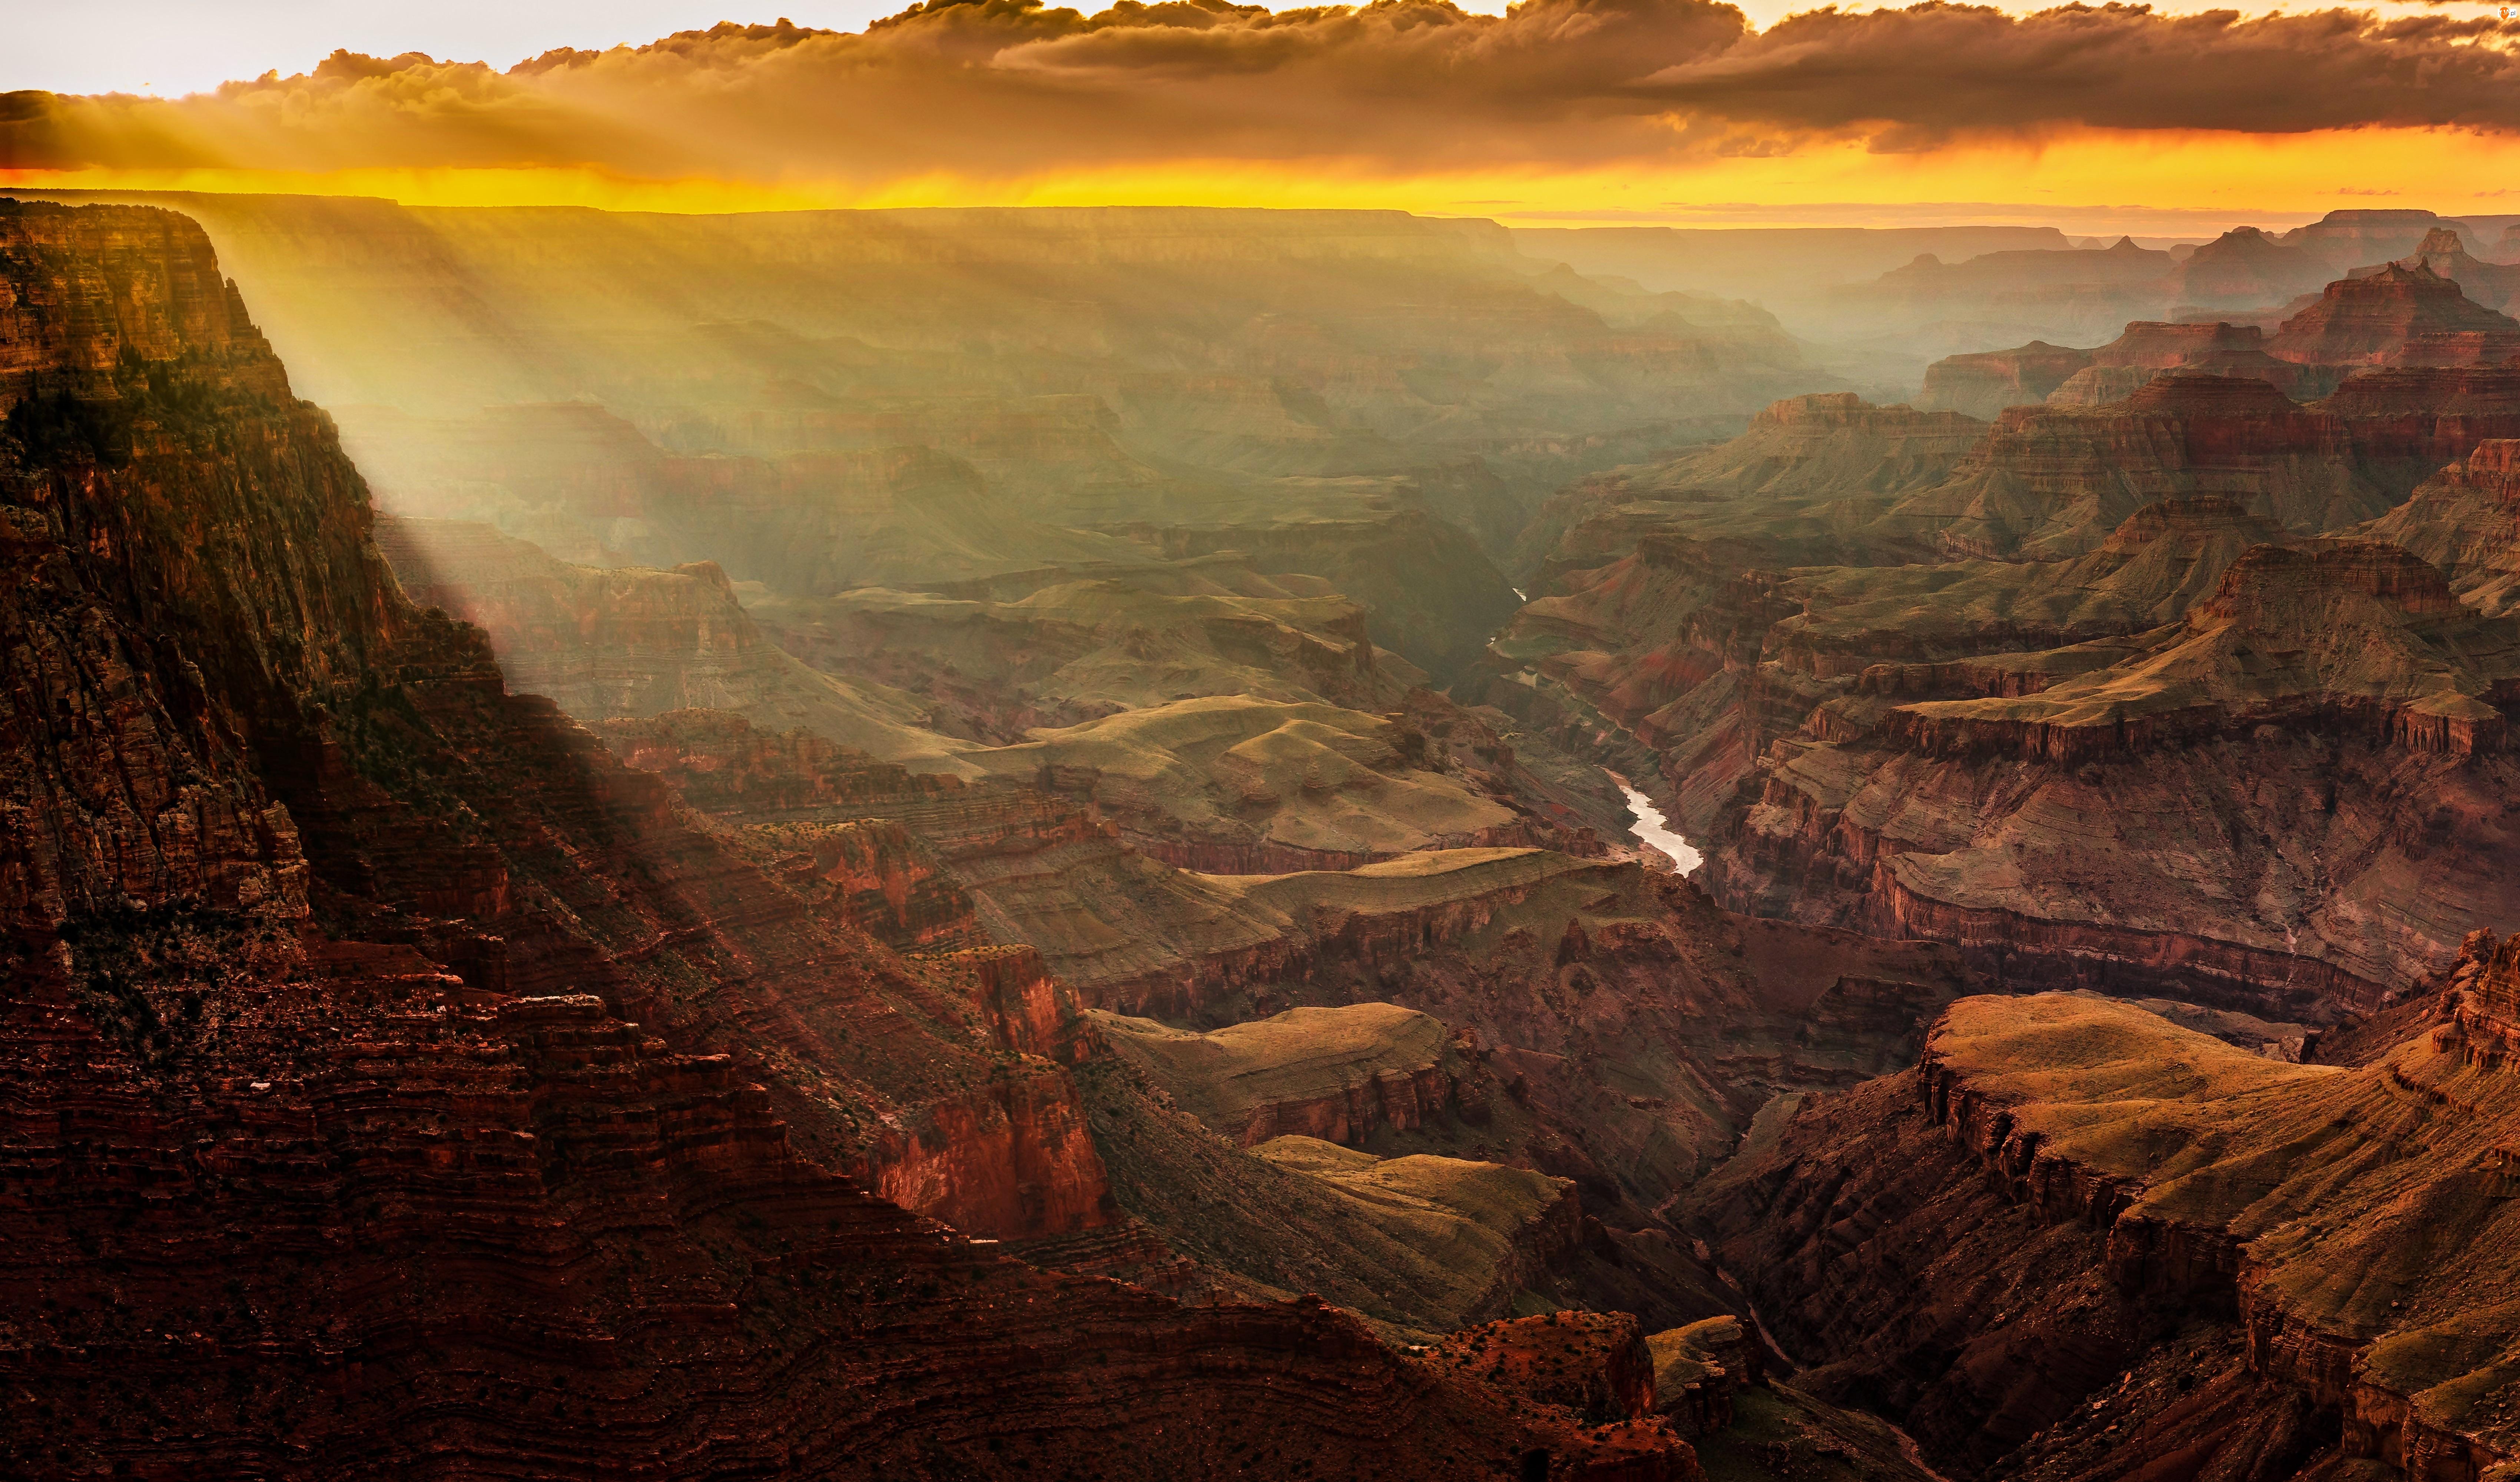 Chmury, Przebijające, I Rzeka, Arizona, Wielki Kanion, USA, Kolorado, Światło